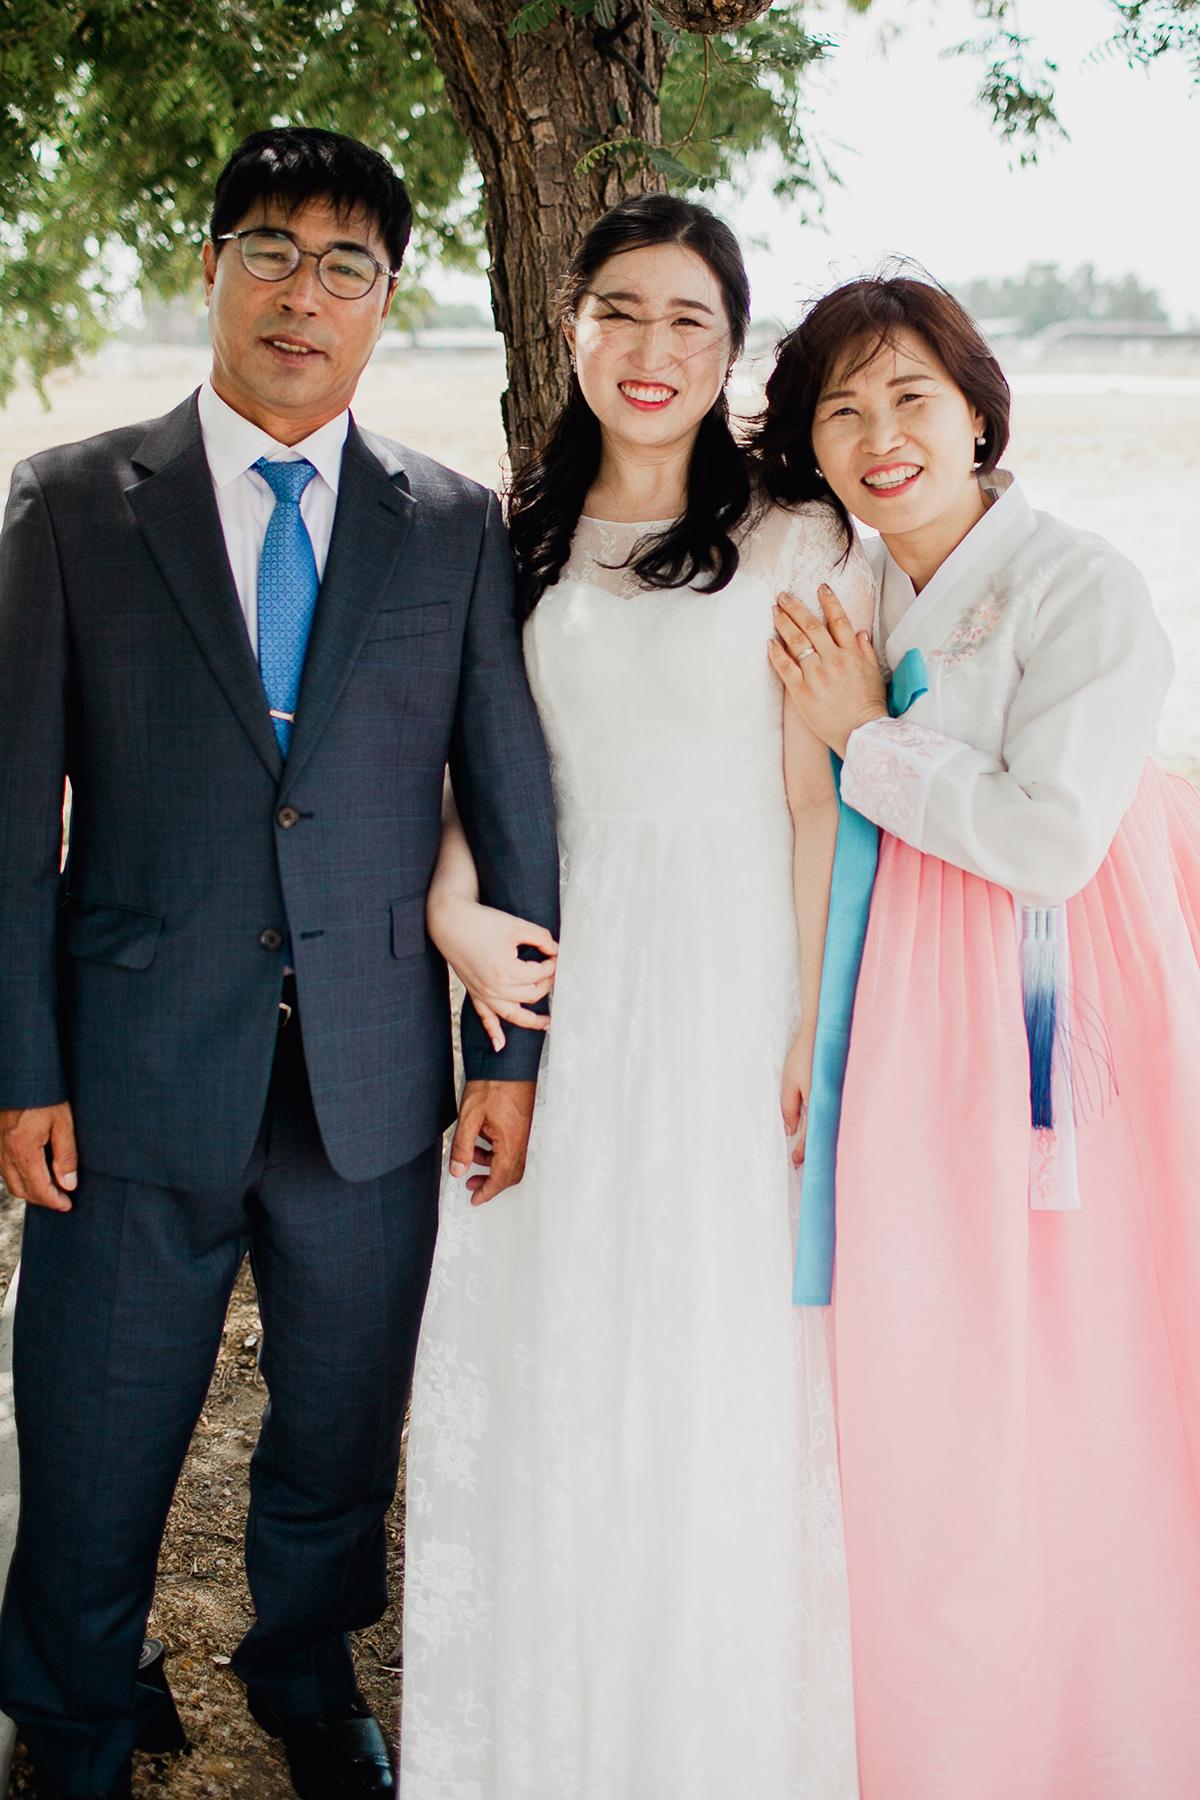 ji_ridley_wedding011b.jpg